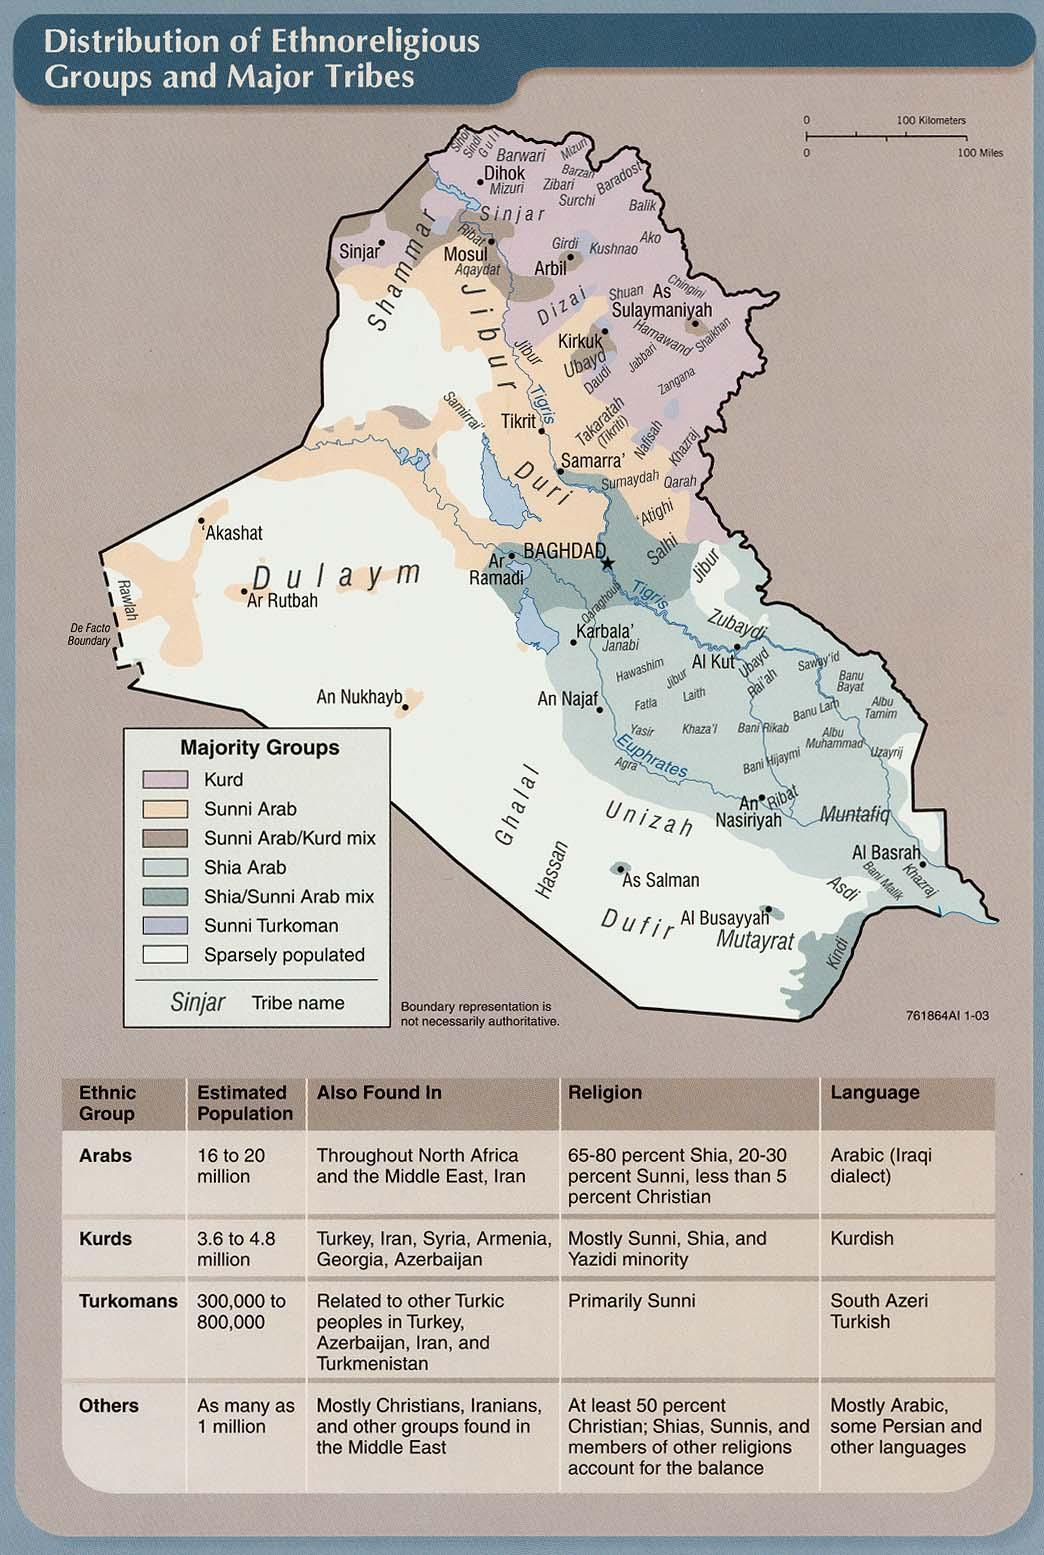 Grupos etno-religiosos y las principales tribus en Irak 2003